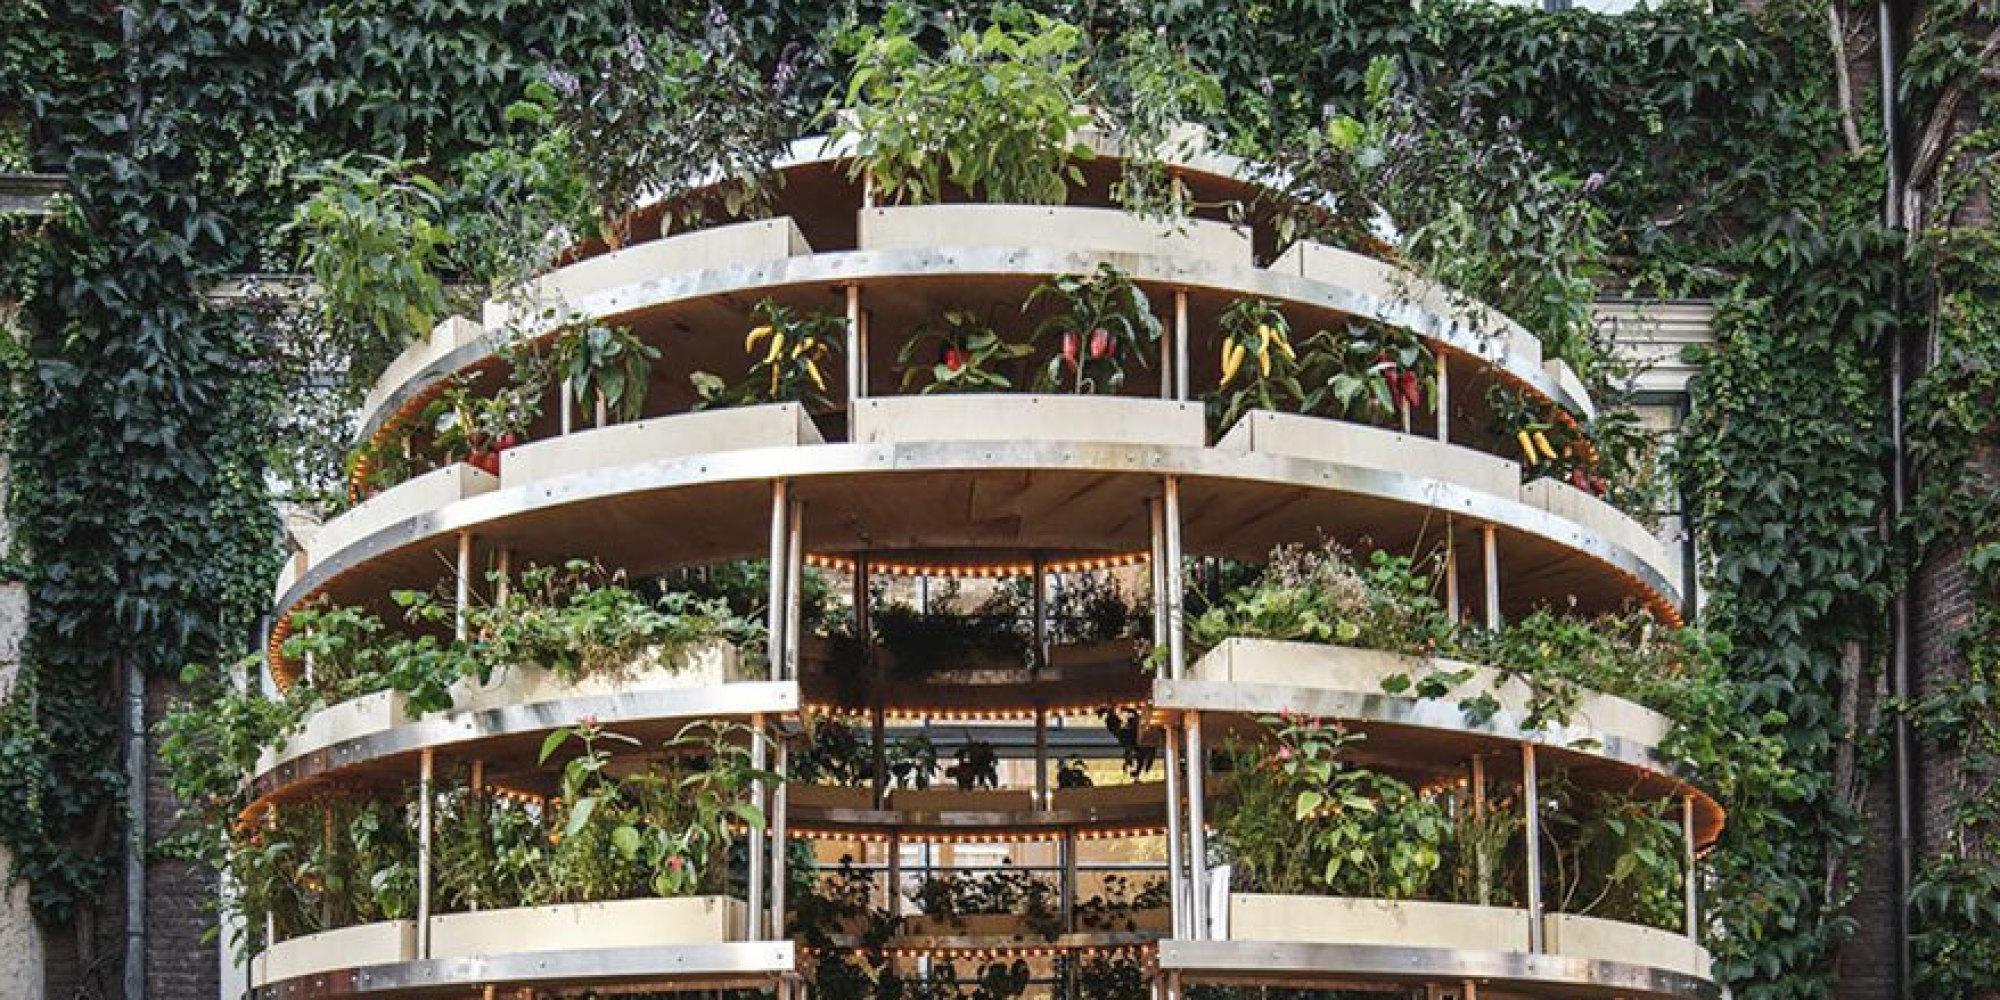 ikea d gratuitamente istruzioni per costruire un giardino sostenibile contro l 39 inquinamento. Black Bedroom Furniture Sets. Home Design Ideas